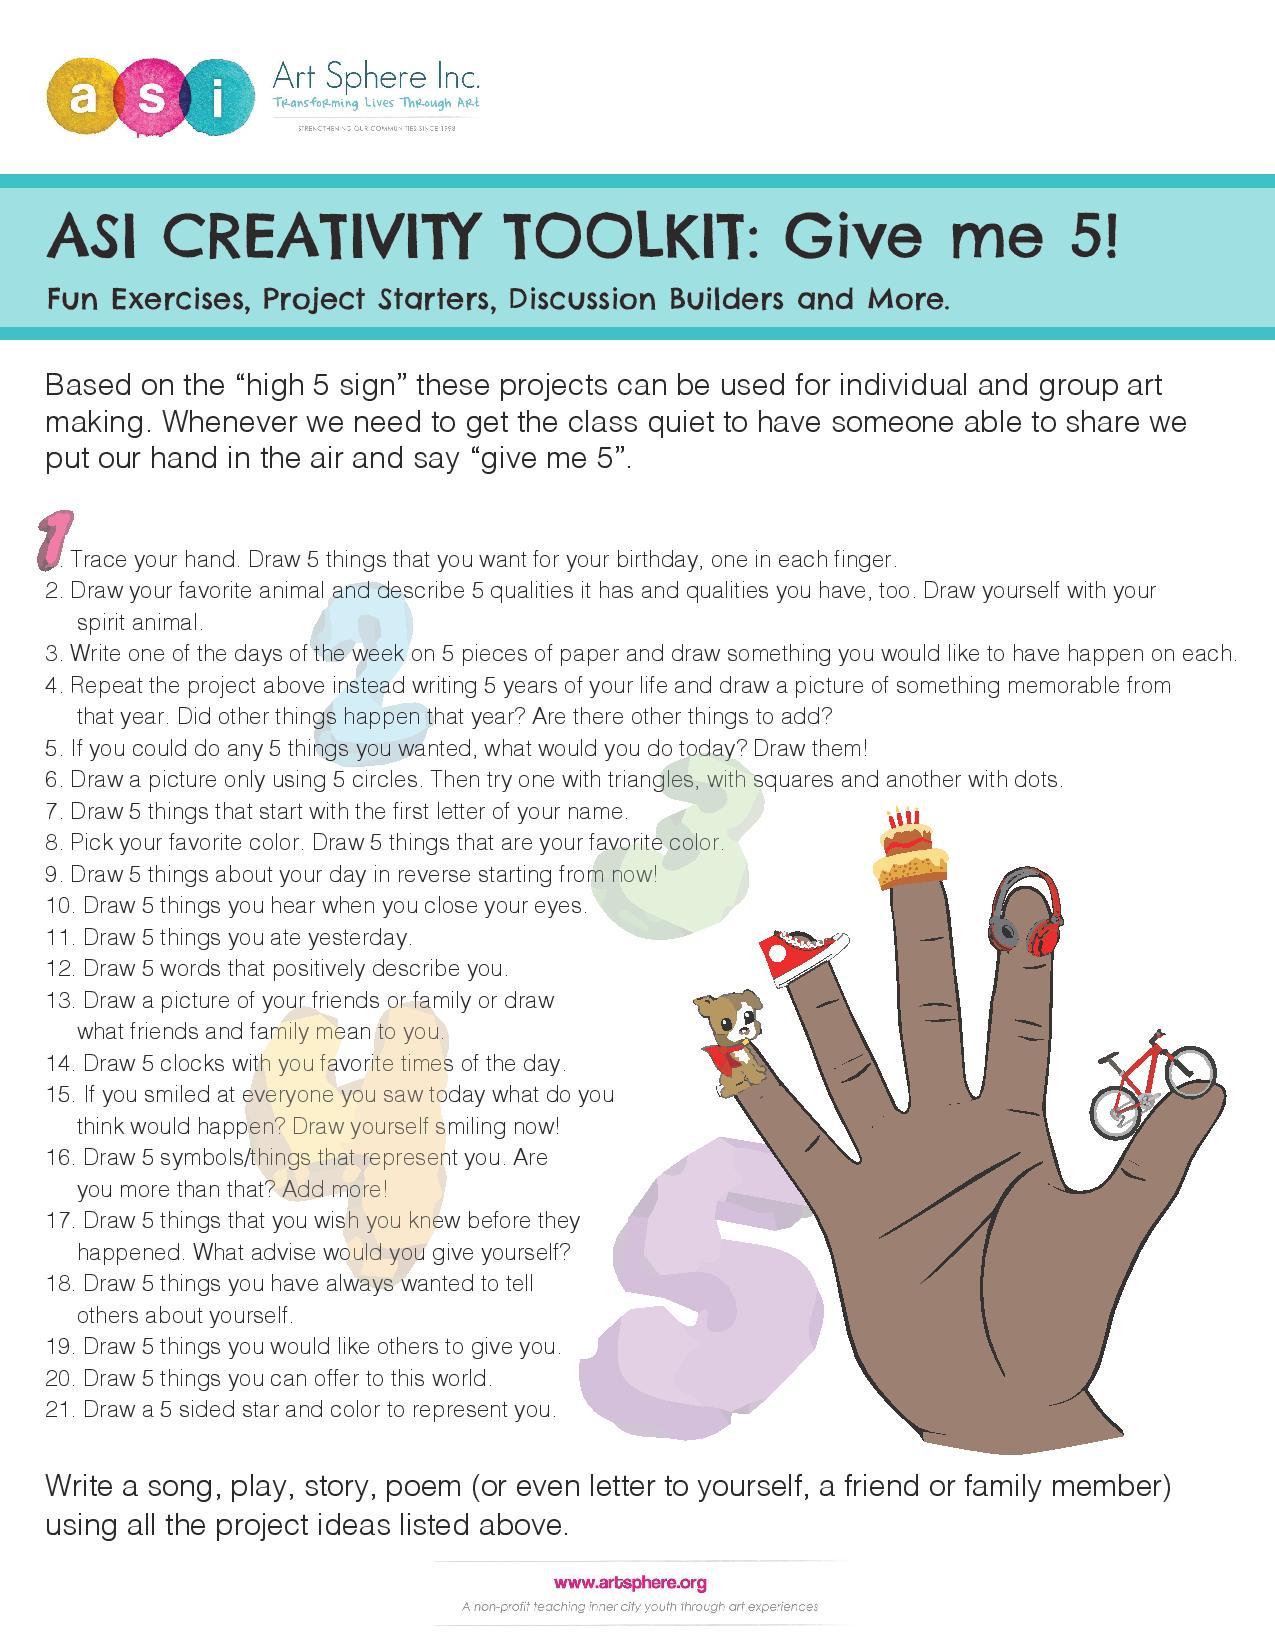 ASI Creativity Toolkit Handout